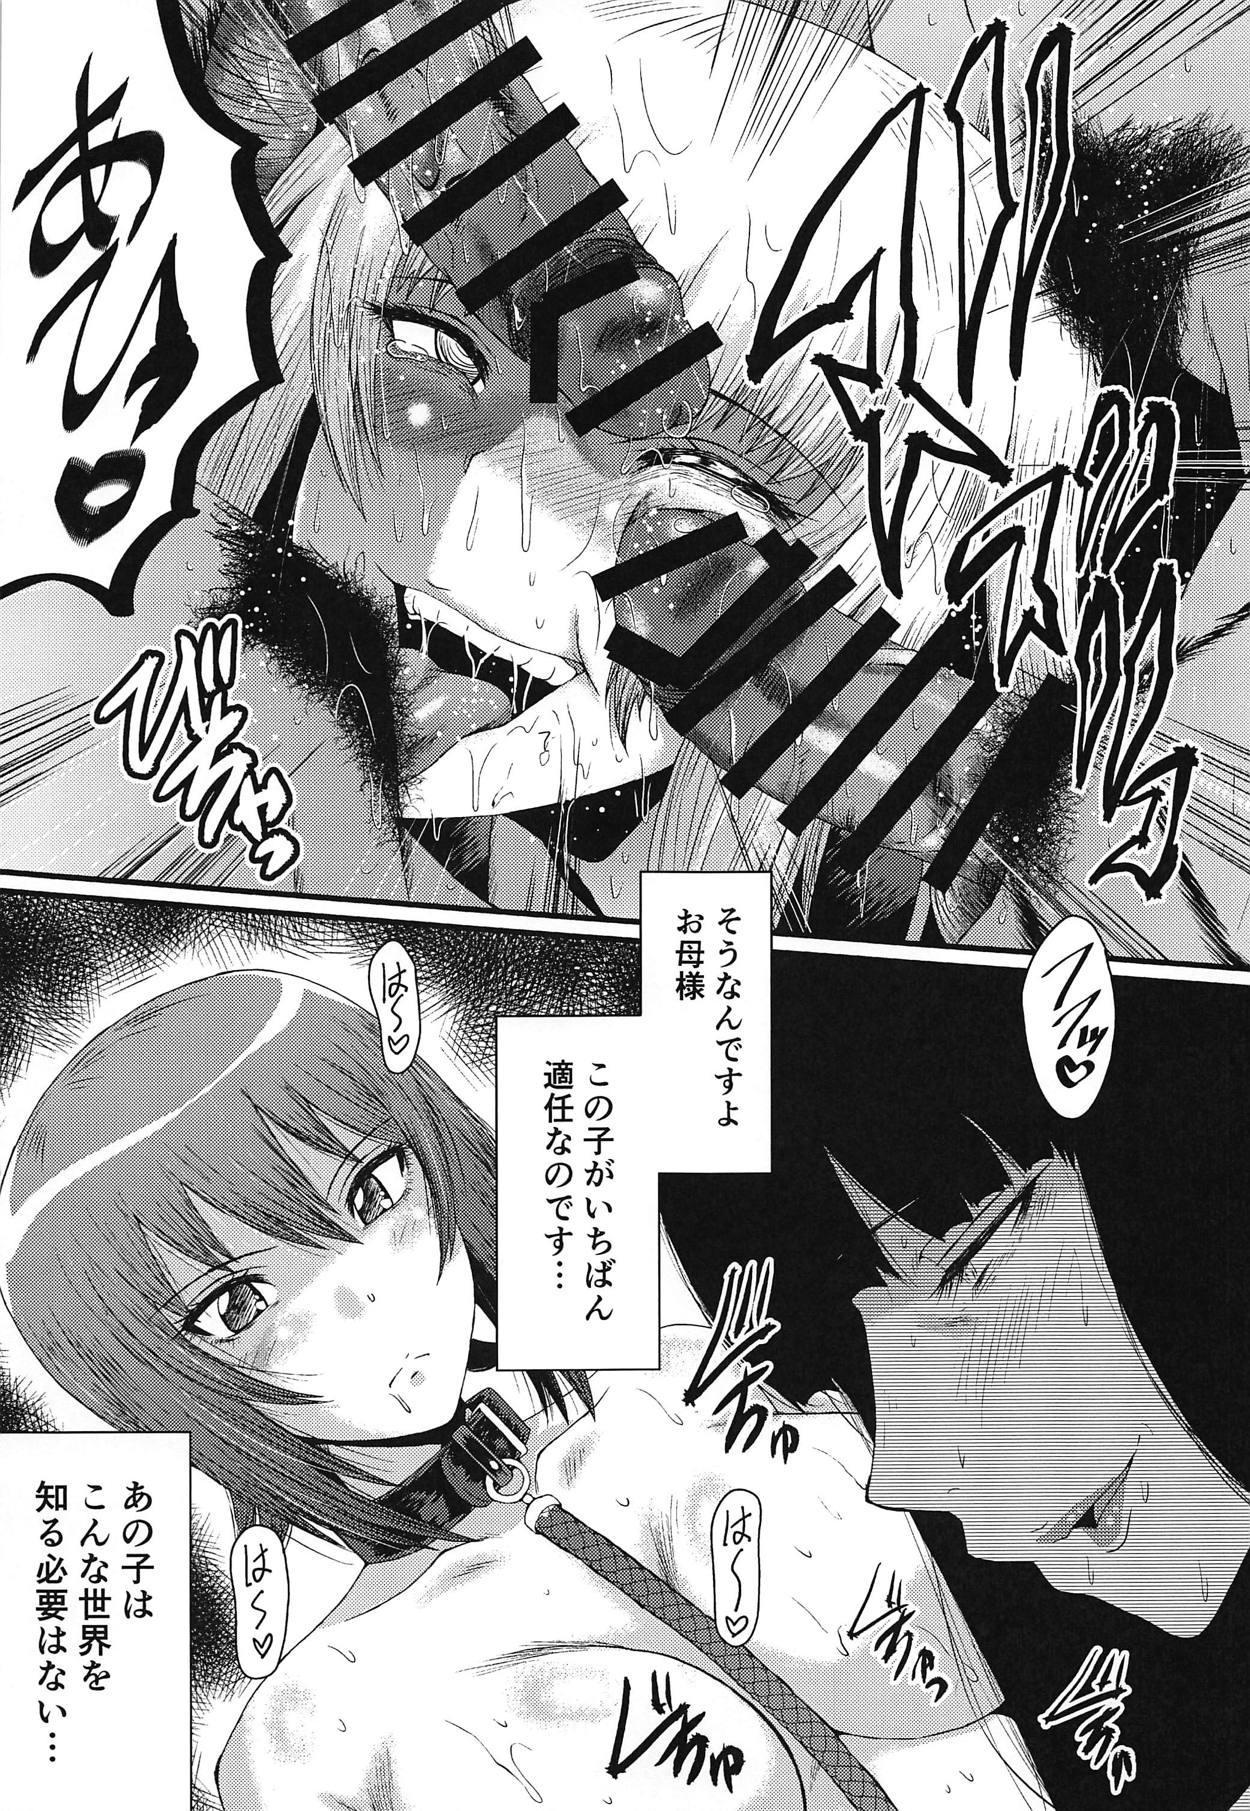 Urabambi Vol. 58 Genfuku Taichou o Seiteki ni Yorokobasechau Hon 21